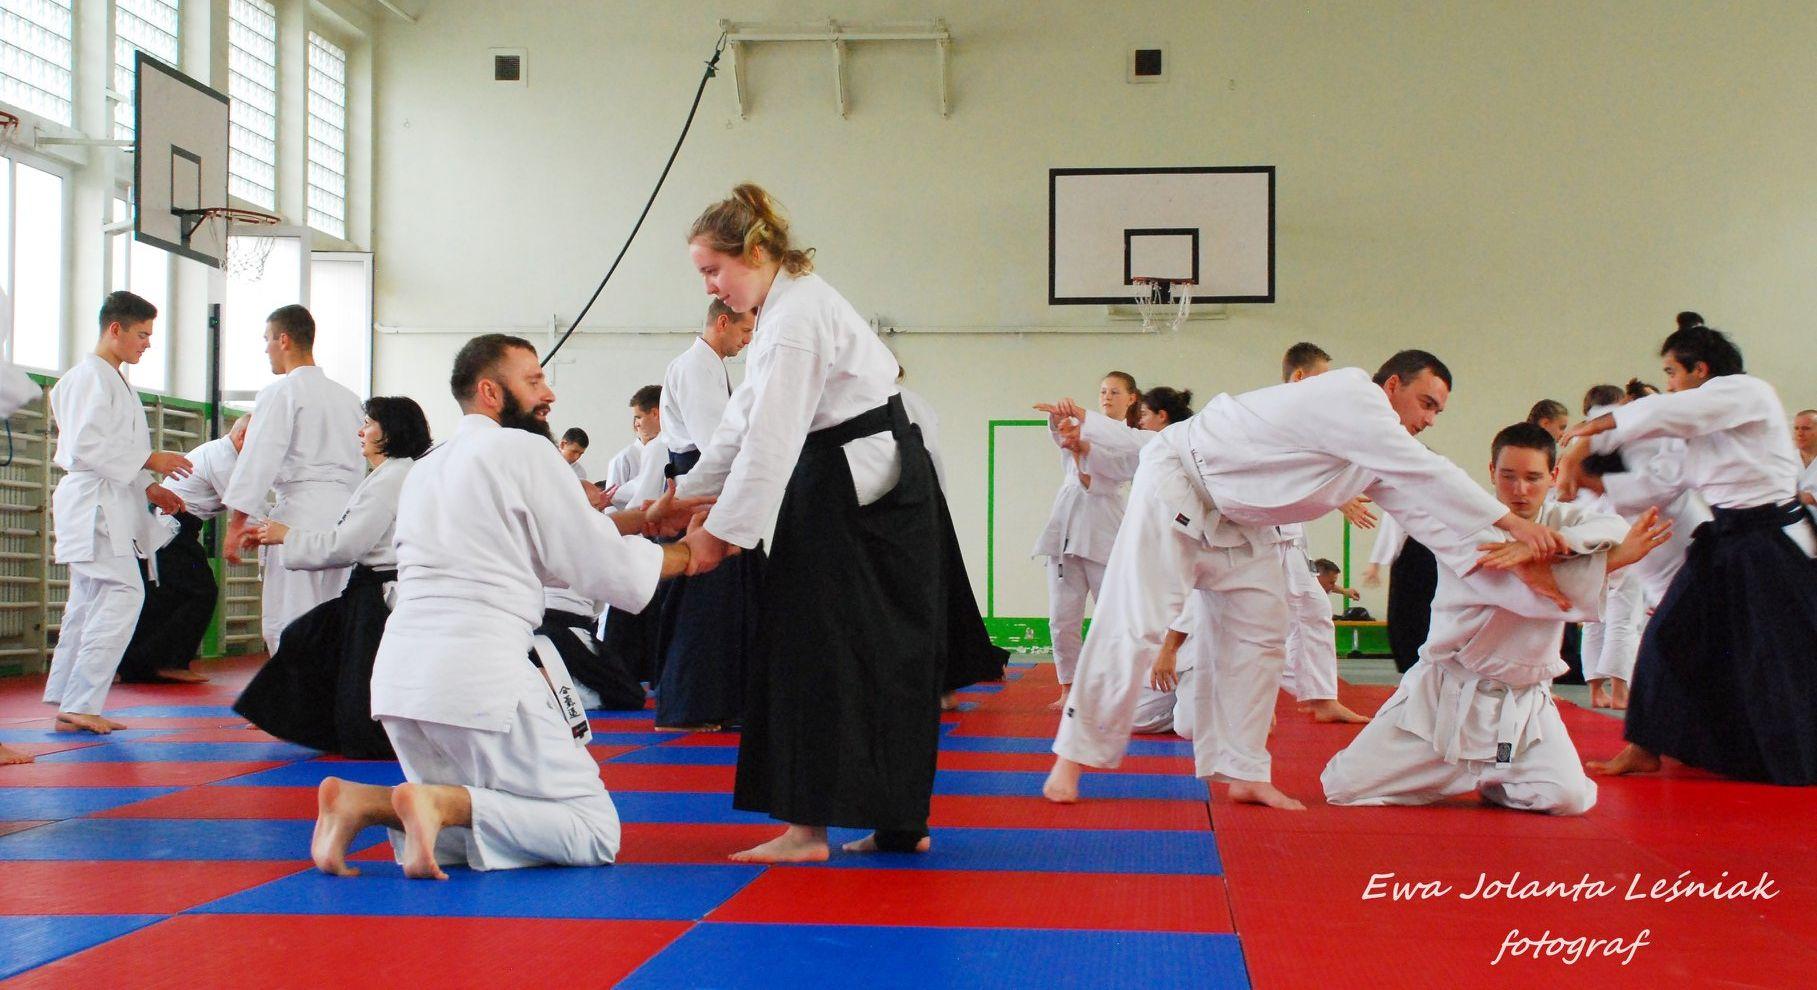 Nebi Vural Zielona Gora Seminar 2018